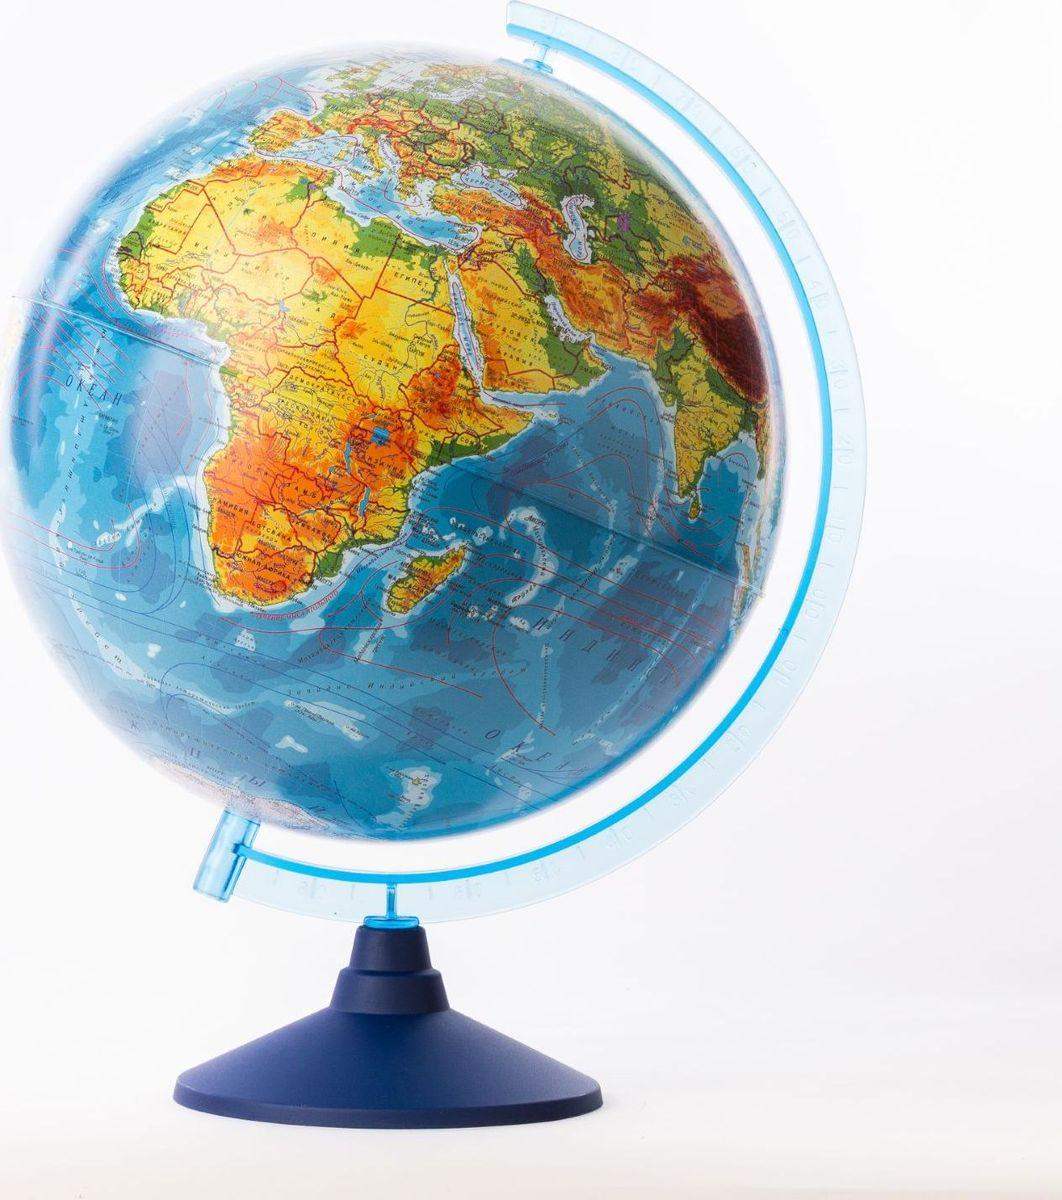 Глобен Глобус физический Классик Евро диаметр 32 см1259373Глобус для всех, глобус каждому! Глобус — самый простой способ привить ребенку любовь к географии. Он является отличным наглядным примером, который способен в игровой доступной и понятной форме объяснить понятия о планете Земля. Также интерес к глобусам проявляют не только детки, но и взрослые. Для многих уменьшенная копия планеты заменяет атлас мира из-за своей доступности и универсальности. Умный подарок! Кому принято дарить глобусы? Всем! Глобус физический диаметр 320мм Классик Евро — это уменьшенная копия земного шара, в которой каждый найдет для себя что-то свое. путешественники и заядлые туристы смогут отмечать с помощью стикеров те места, в которых побывали или собираются их посетить деловые и успешные люди оценят такой подарок по достоинству, потому что глобус ассоциируется со статусом и властью преподаватели, ученые, студенты или просто неординарные личности также найдут для глобуса достойное место в своем доме. Итак, спешите заказать...